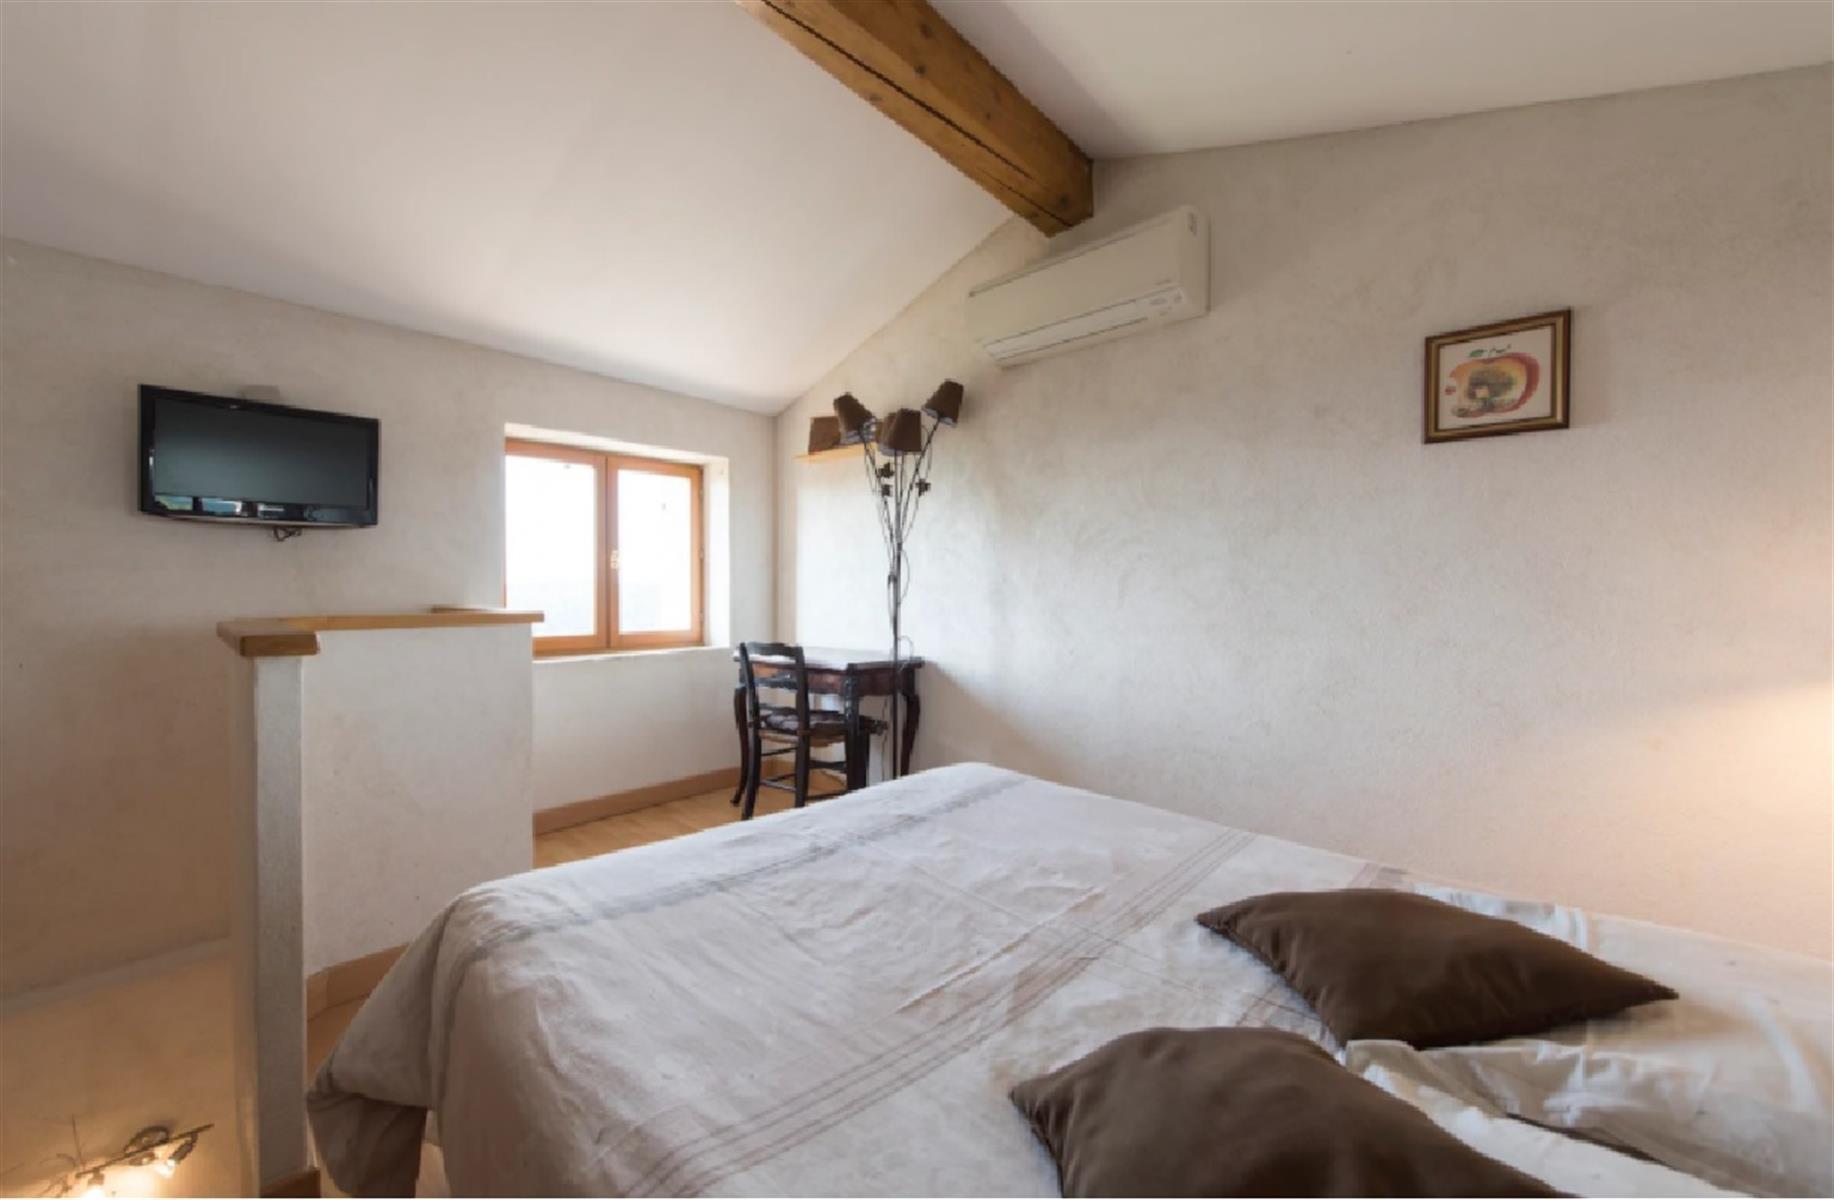 Maison de vacances - St-Cezaire-sur-Siagne      (Tour) - #4309620-2